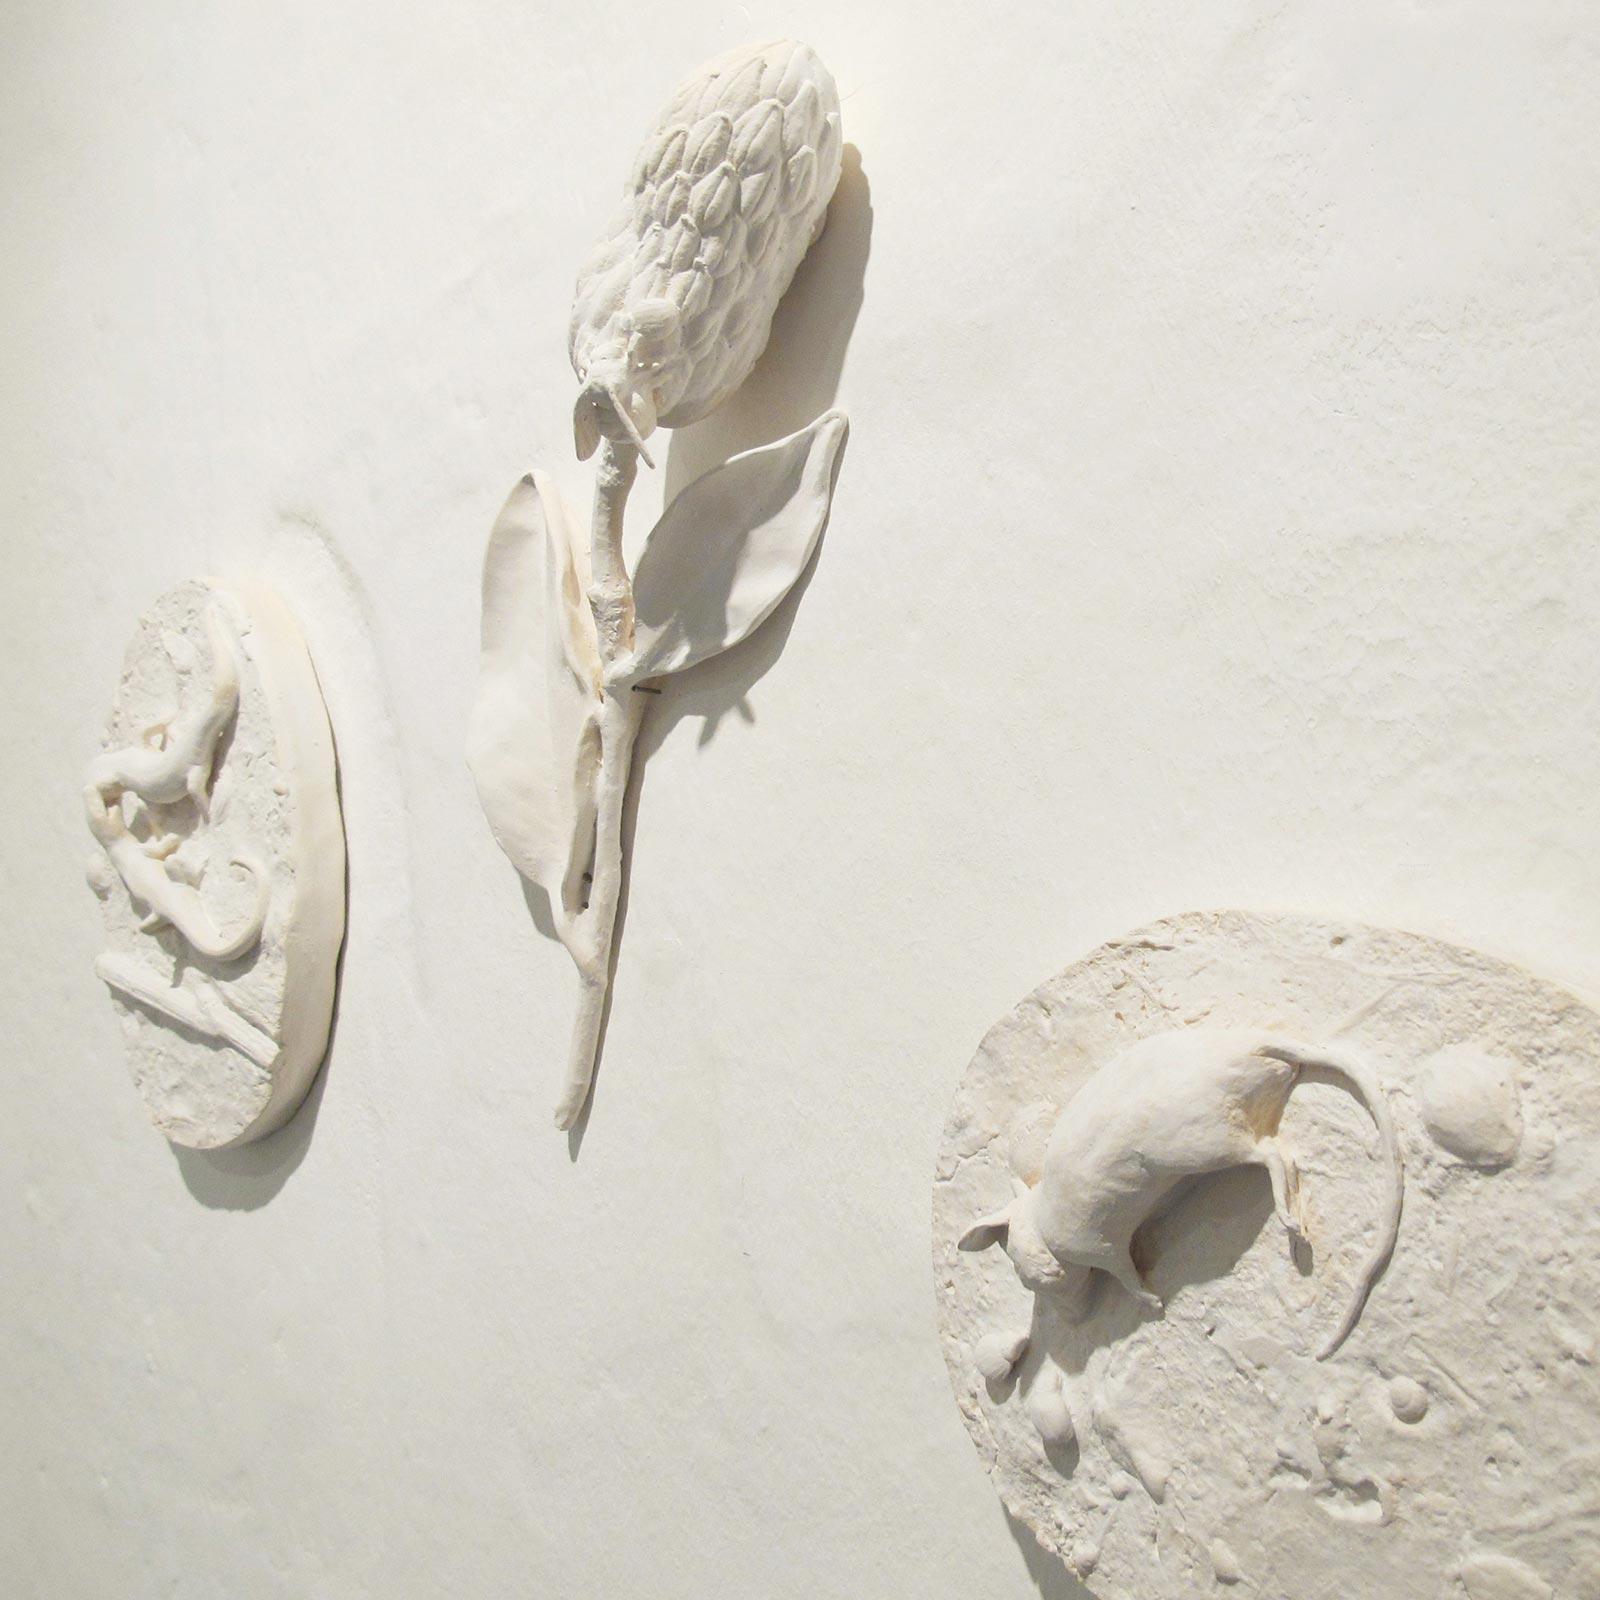 1-Caterina-sbrana,–Zoomachia,-argilla-bianca-cotta,2014